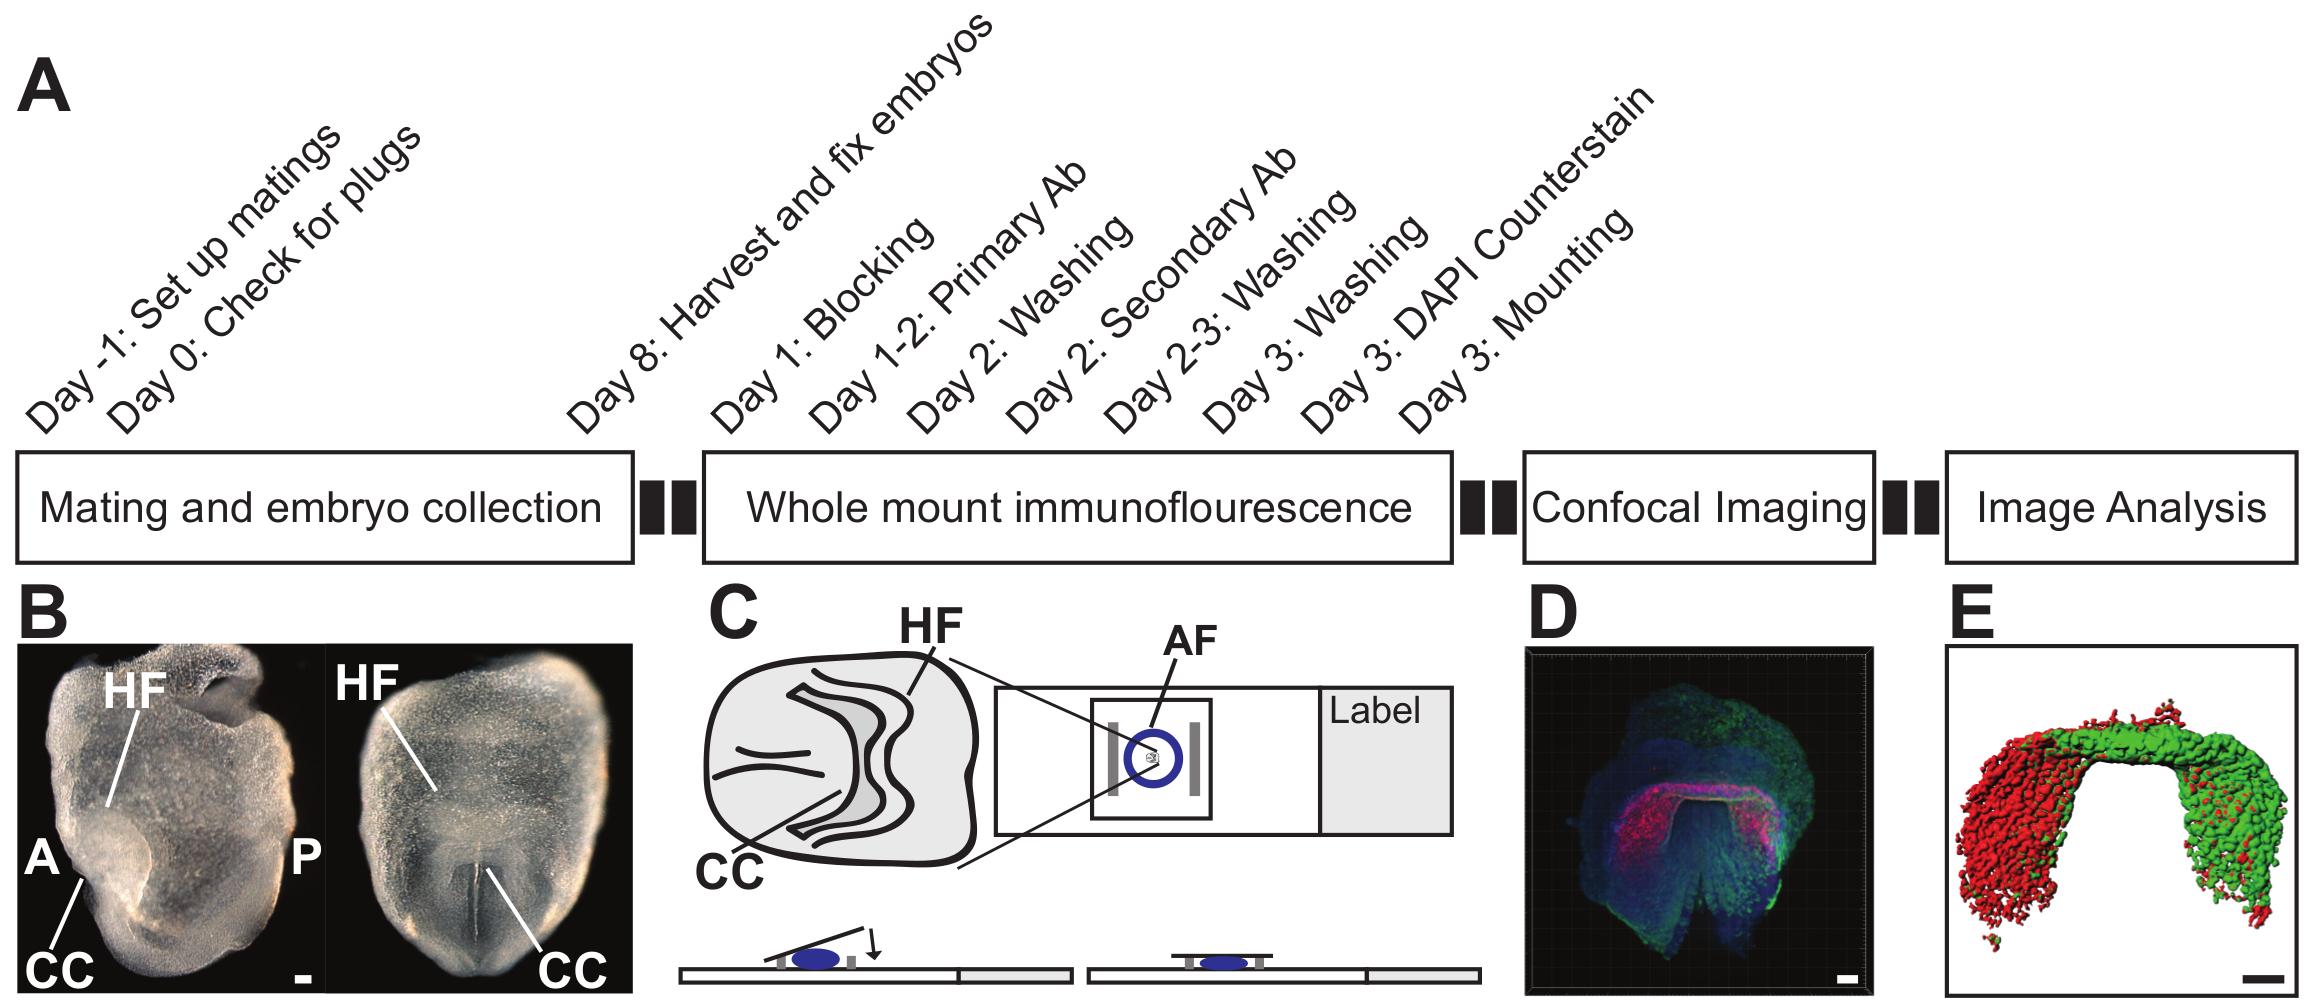 Quantitative Whole-mount Immunofluorescence Analysis of